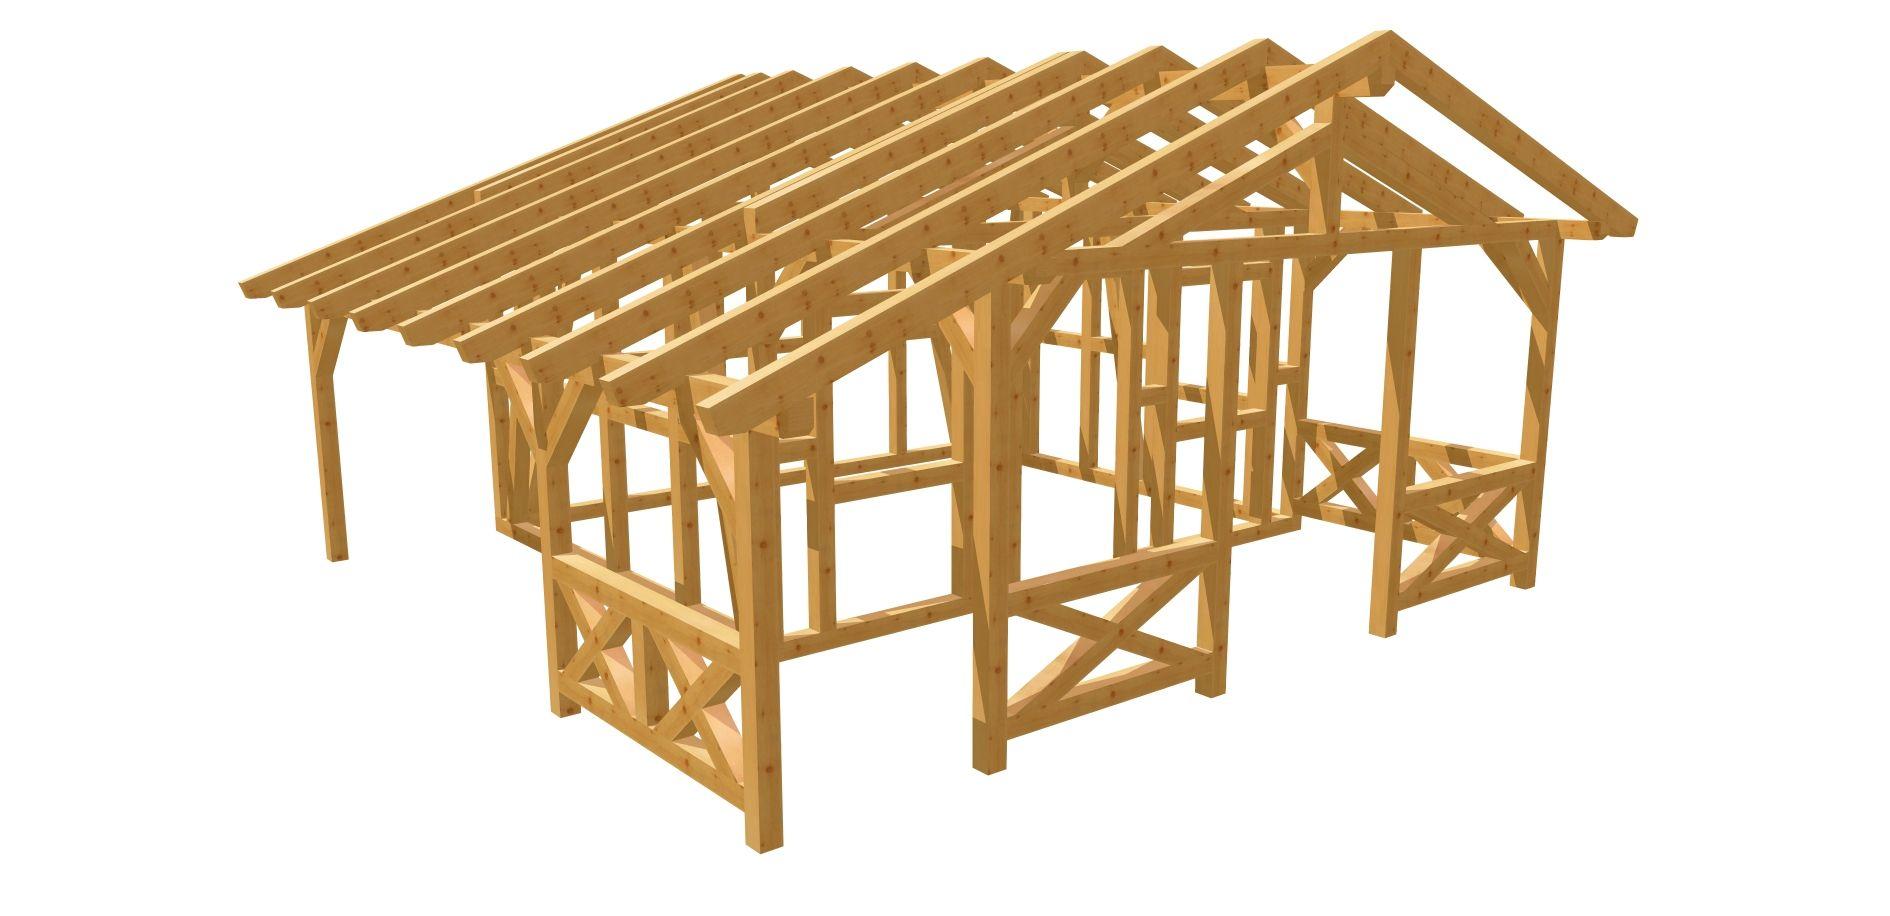 Bauplan Gartenhaus Mit Terrasse 5m X 4m Gartenhaus Bauen Gartenhaus Selber Bauen Gartenhaus